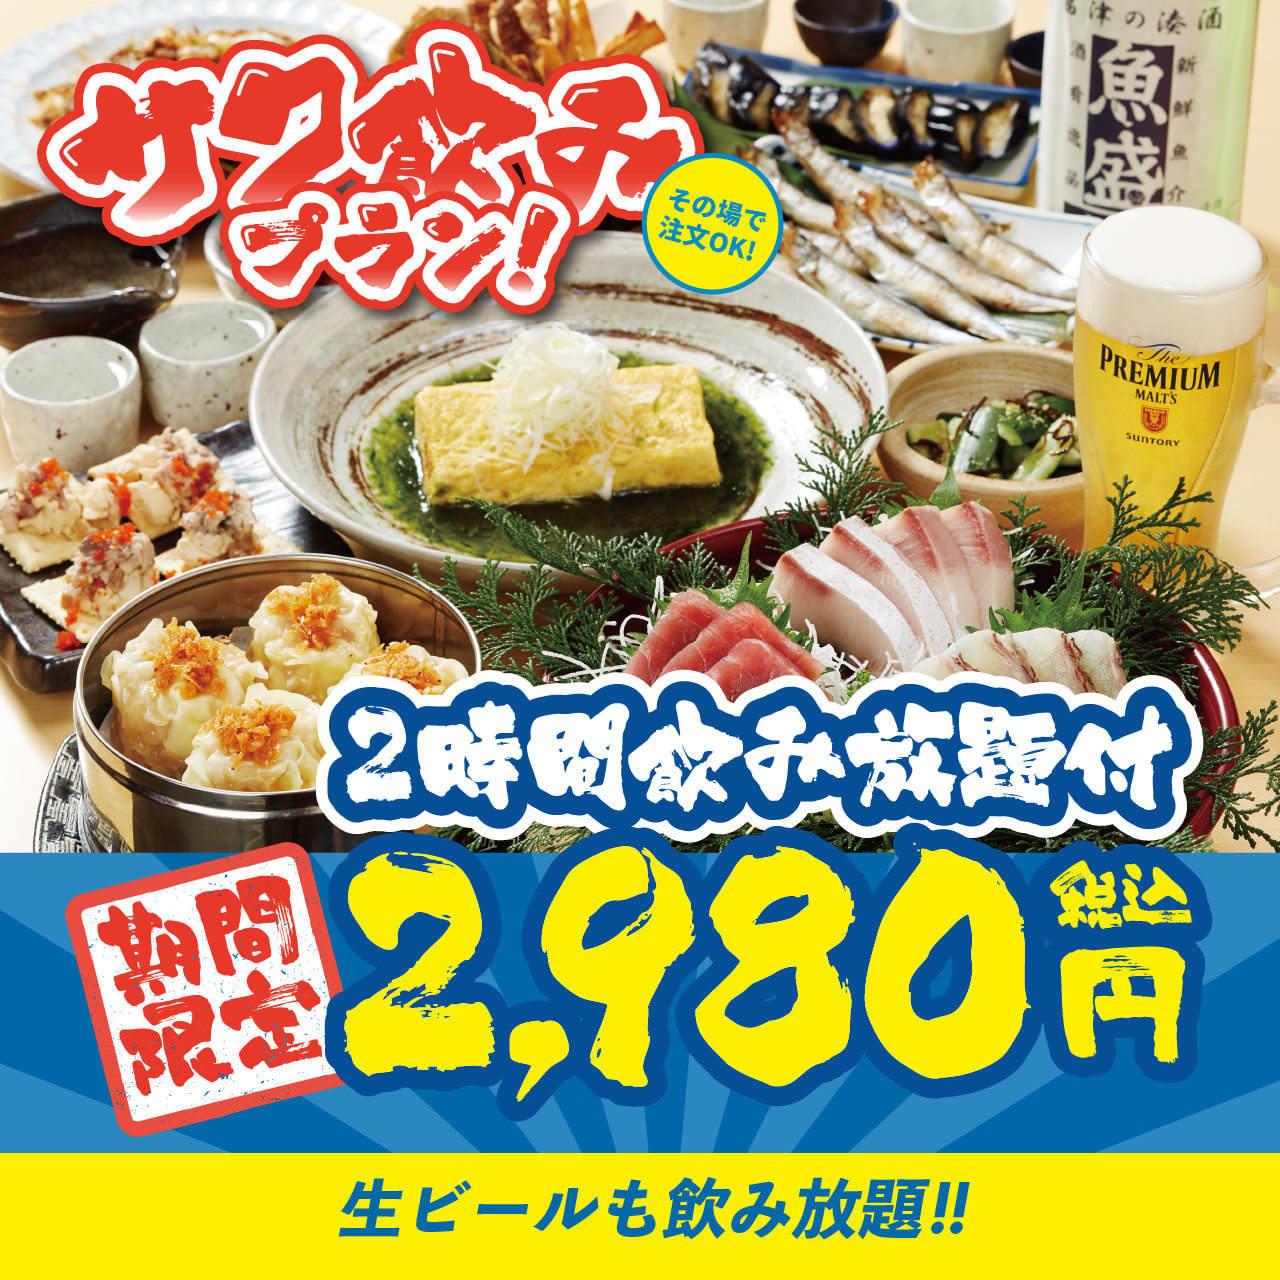 魚盛 飯田橋店のイメージ写真